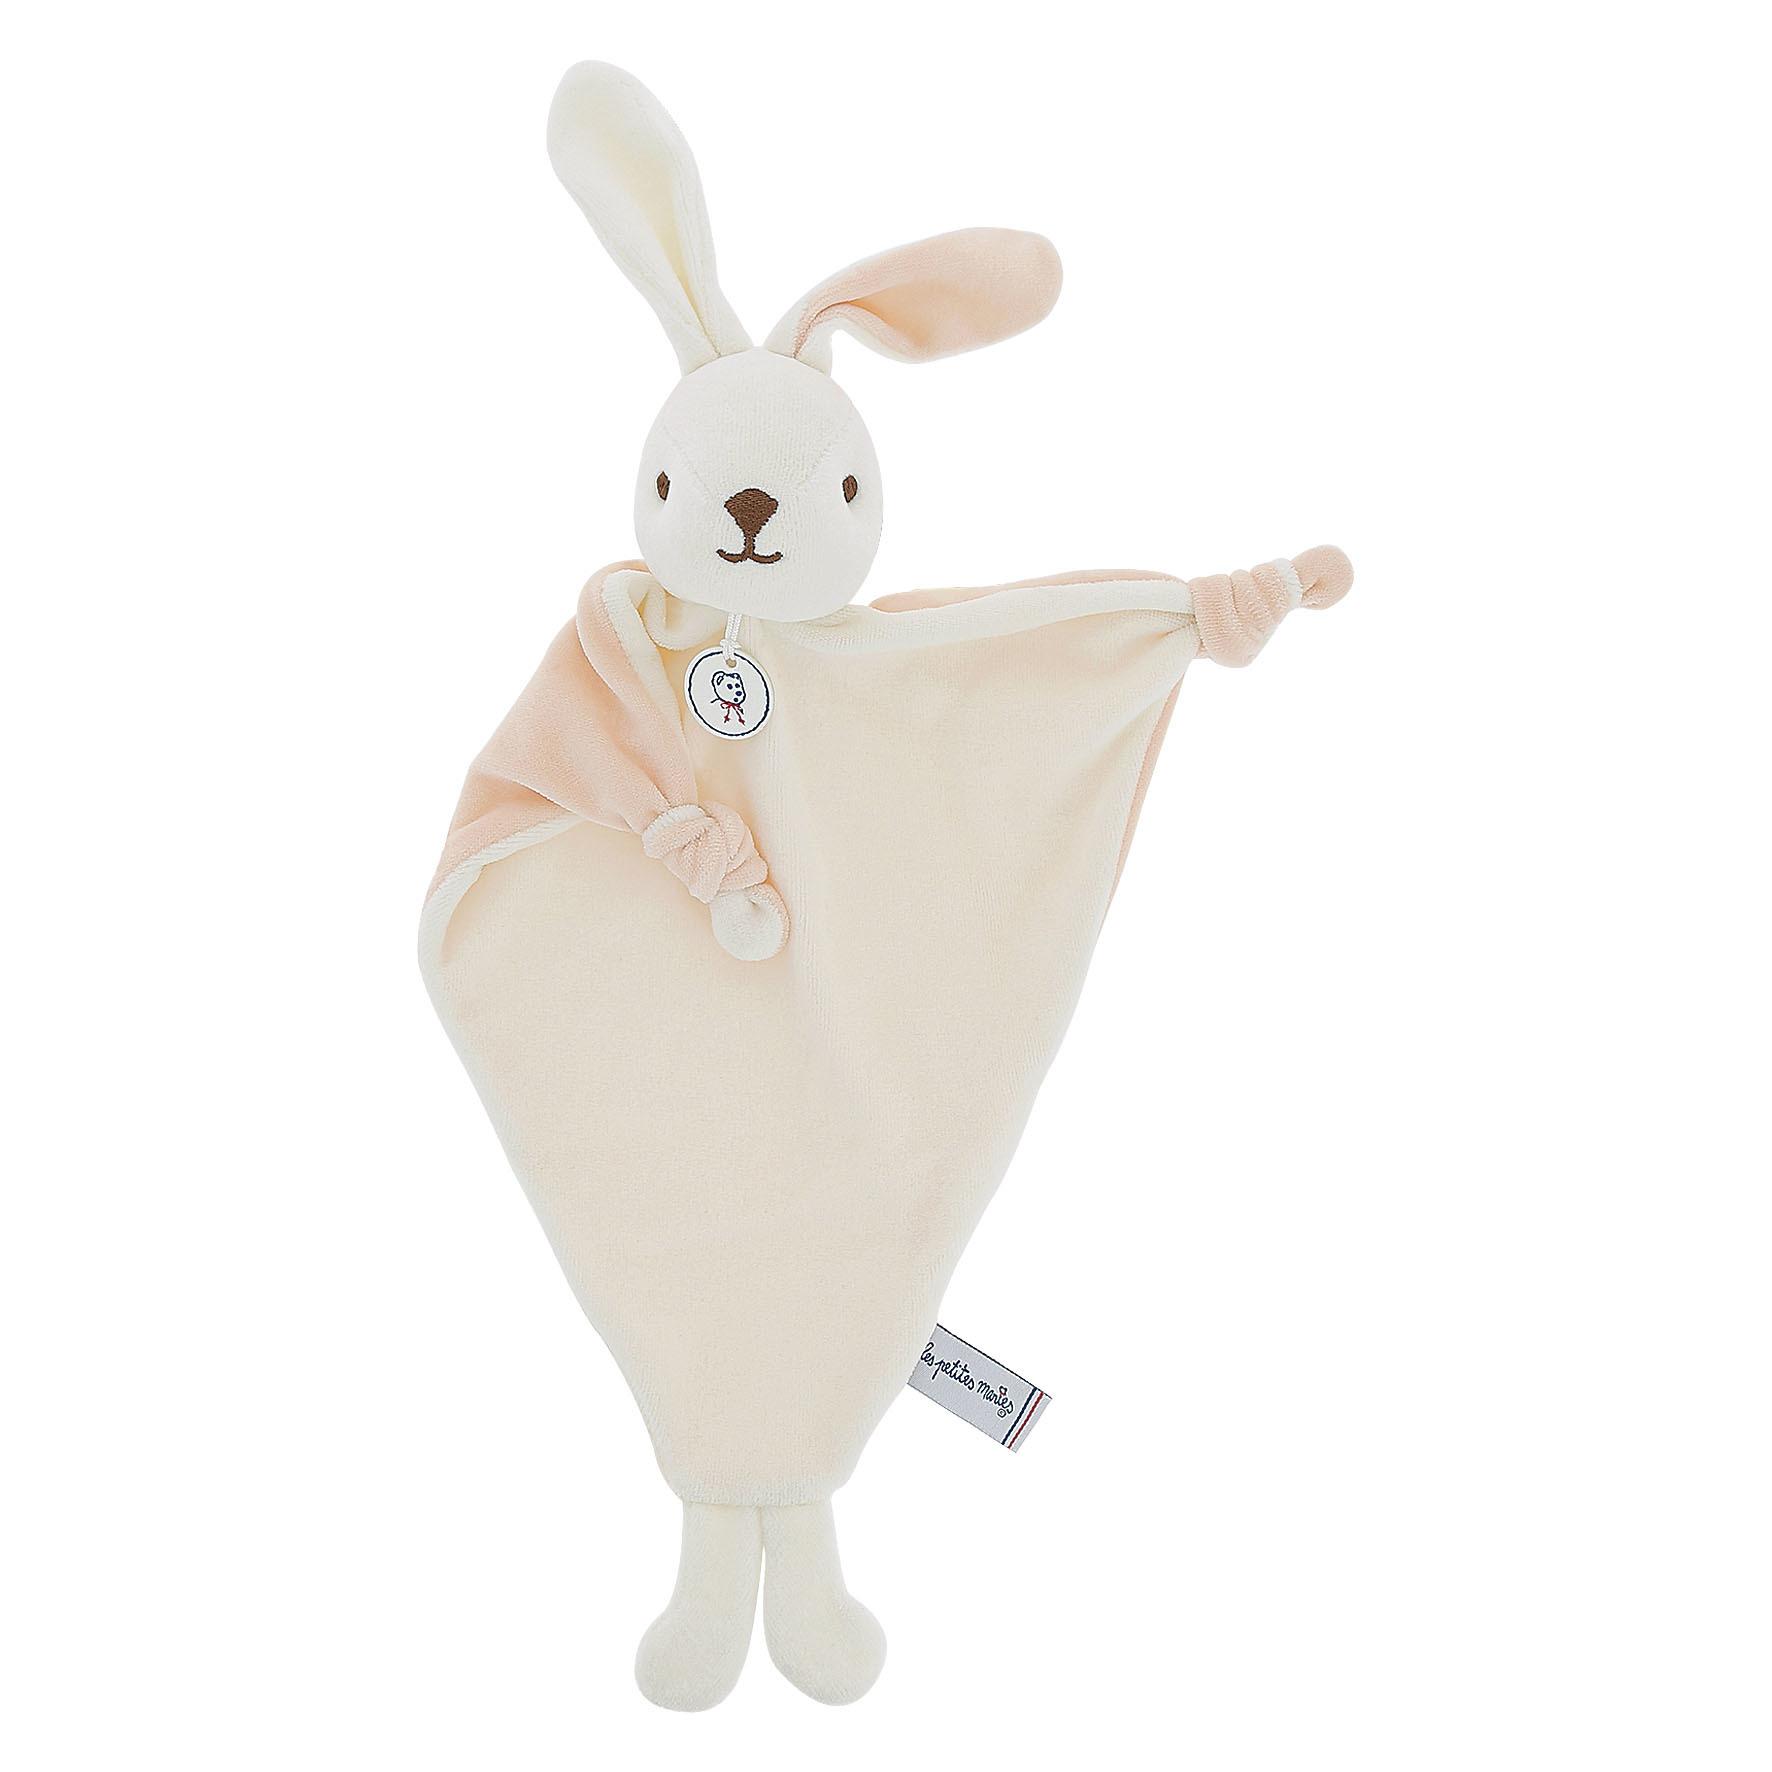 Doudou lapin Pitola, 27 cm - 22-1297-17